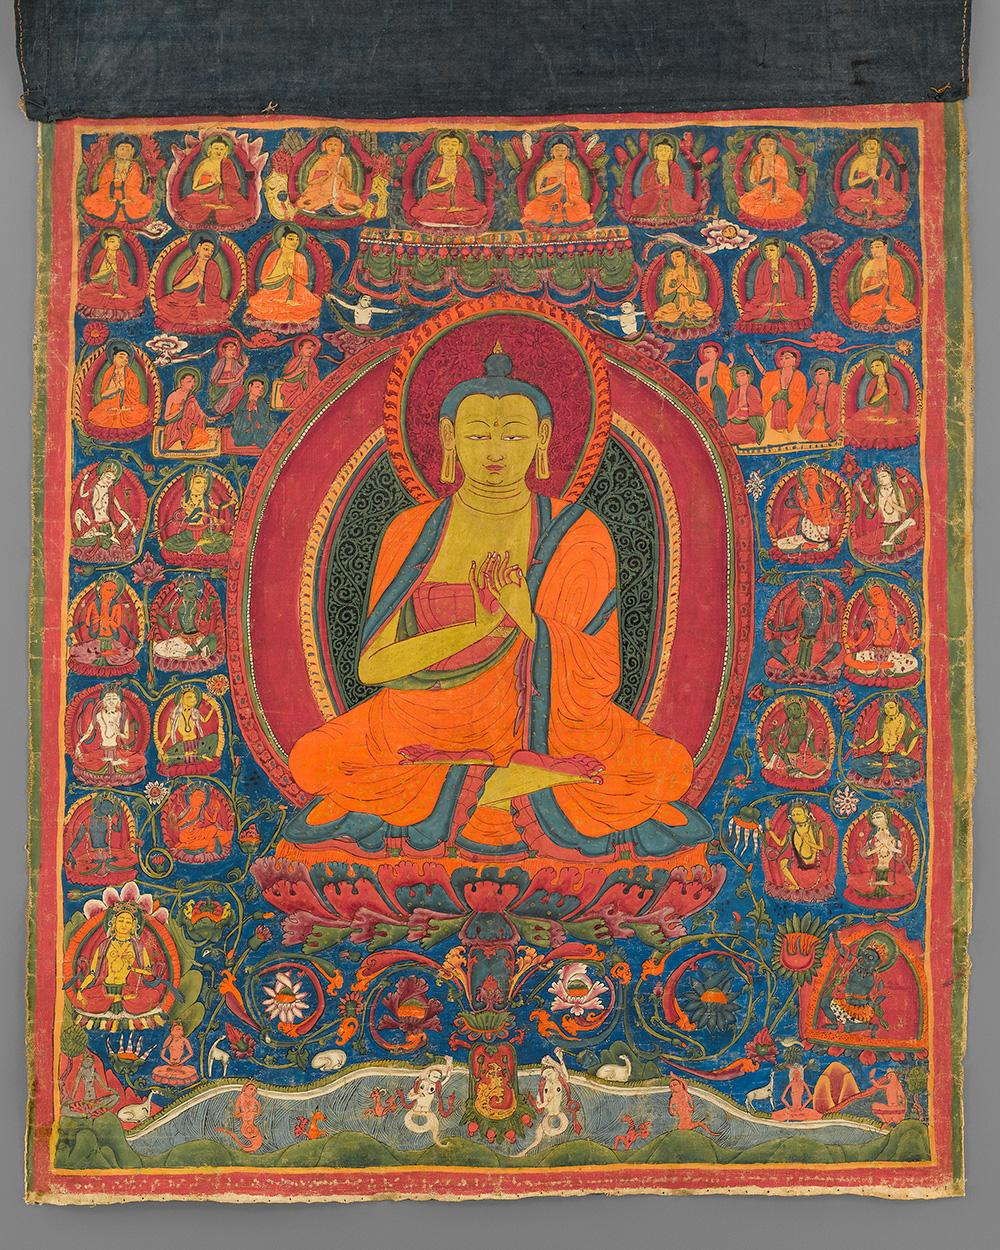 buddha-shakyamuni-painting